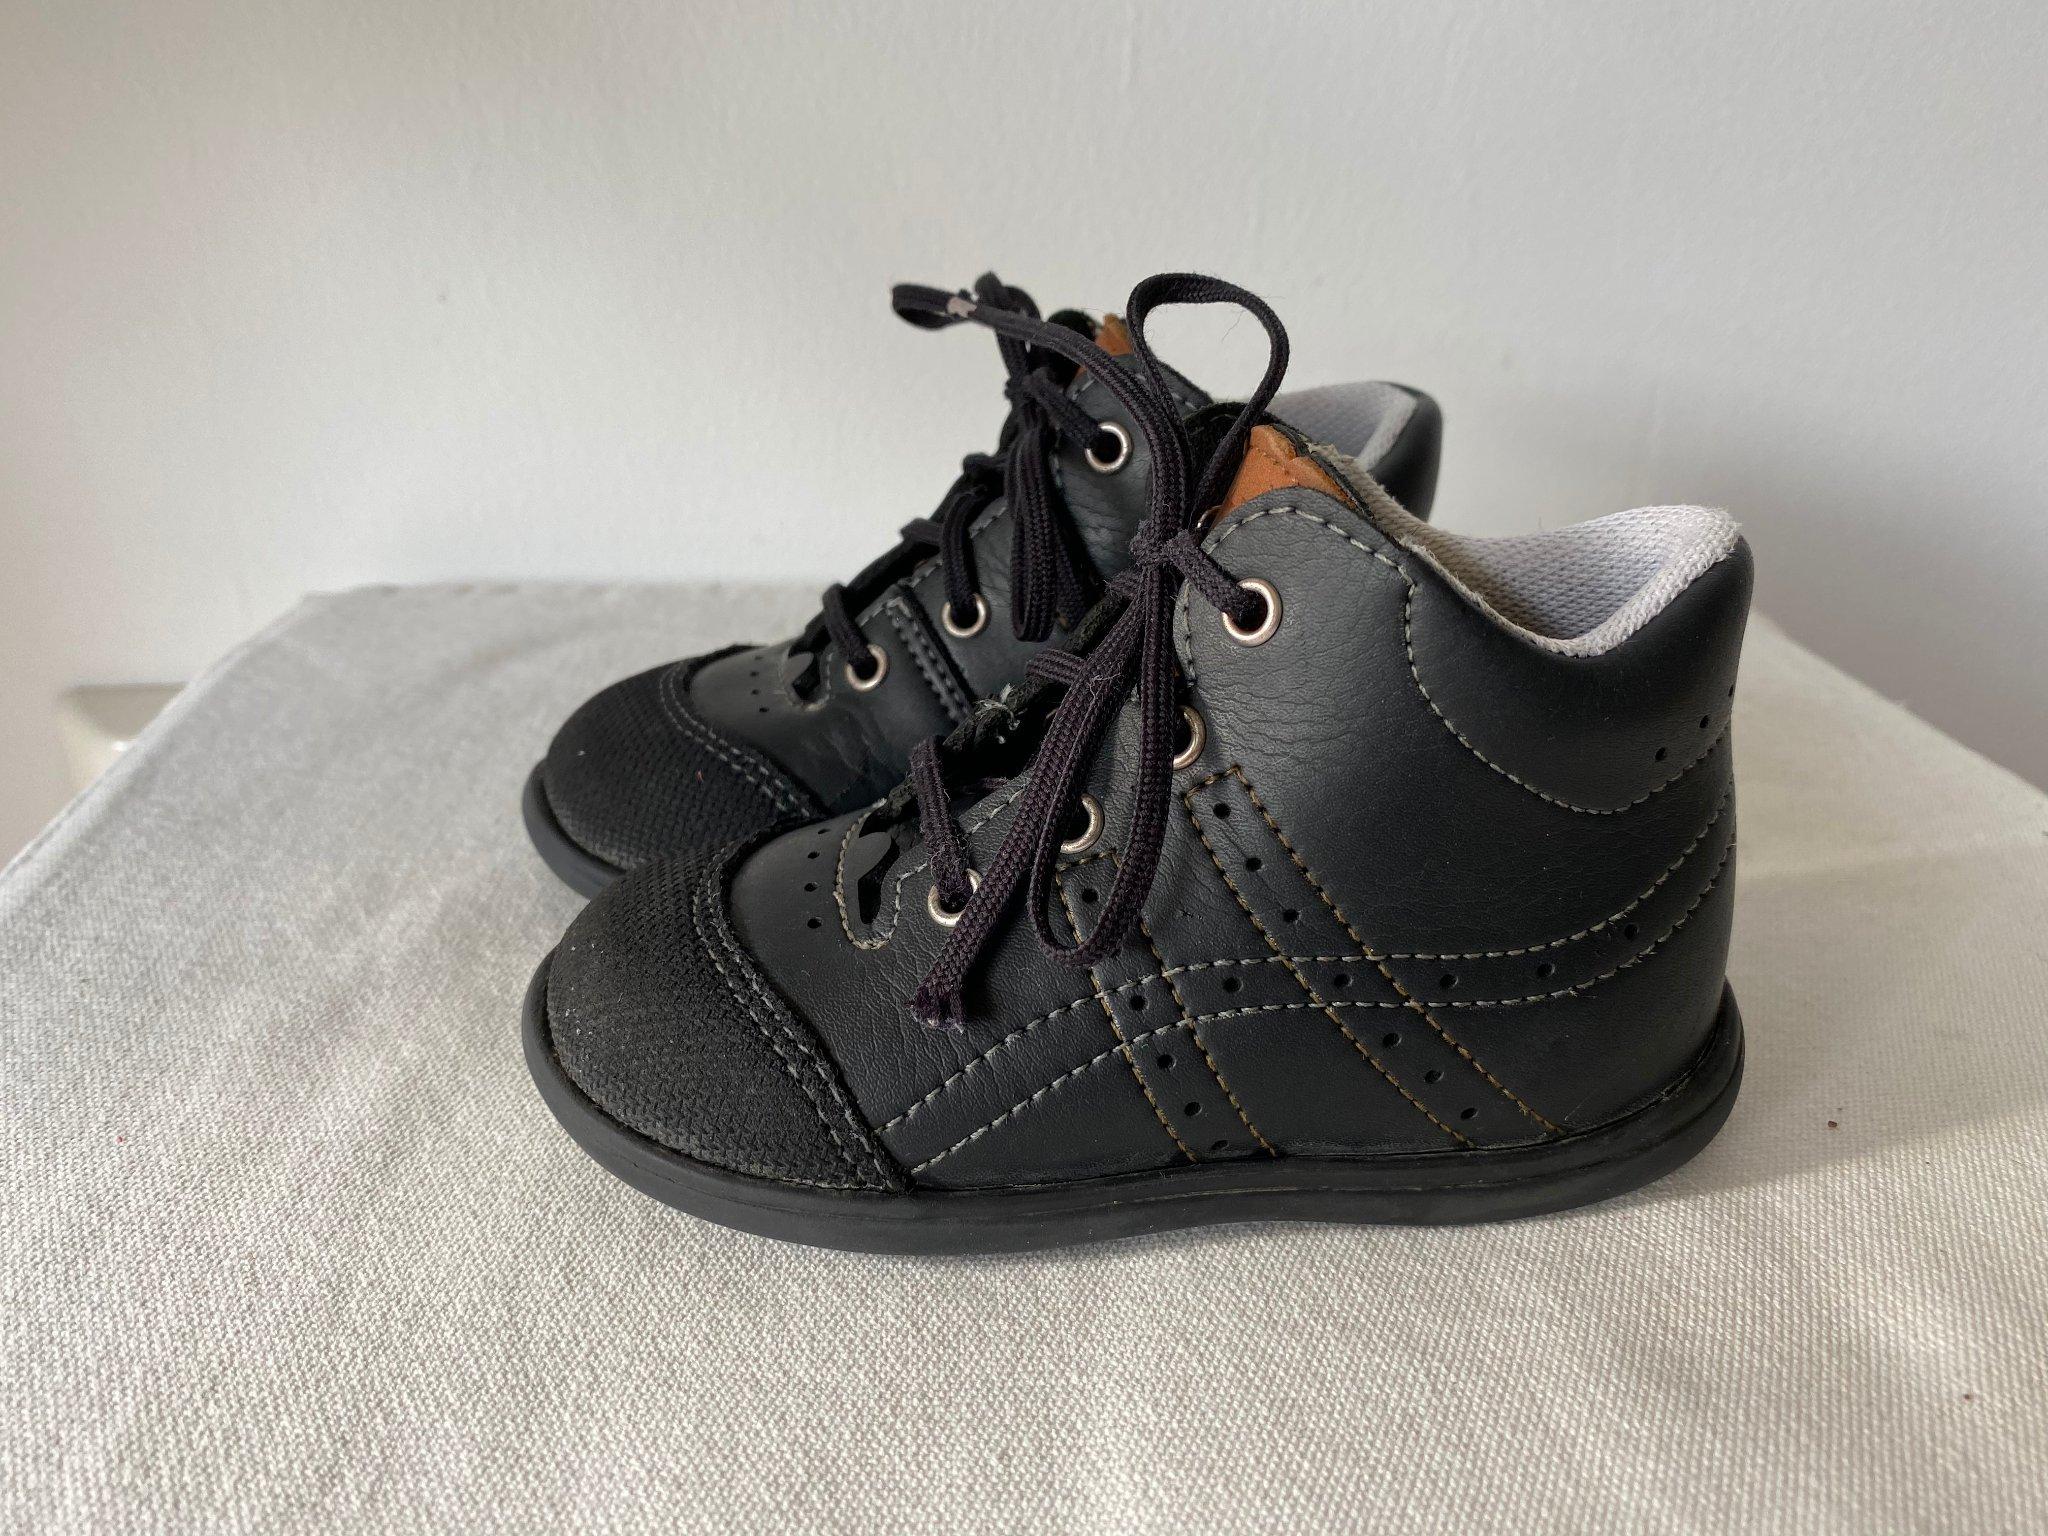 Svarta Kavat Edsbro lära gå skor strl 22 (innermått ca 13.3 cm)